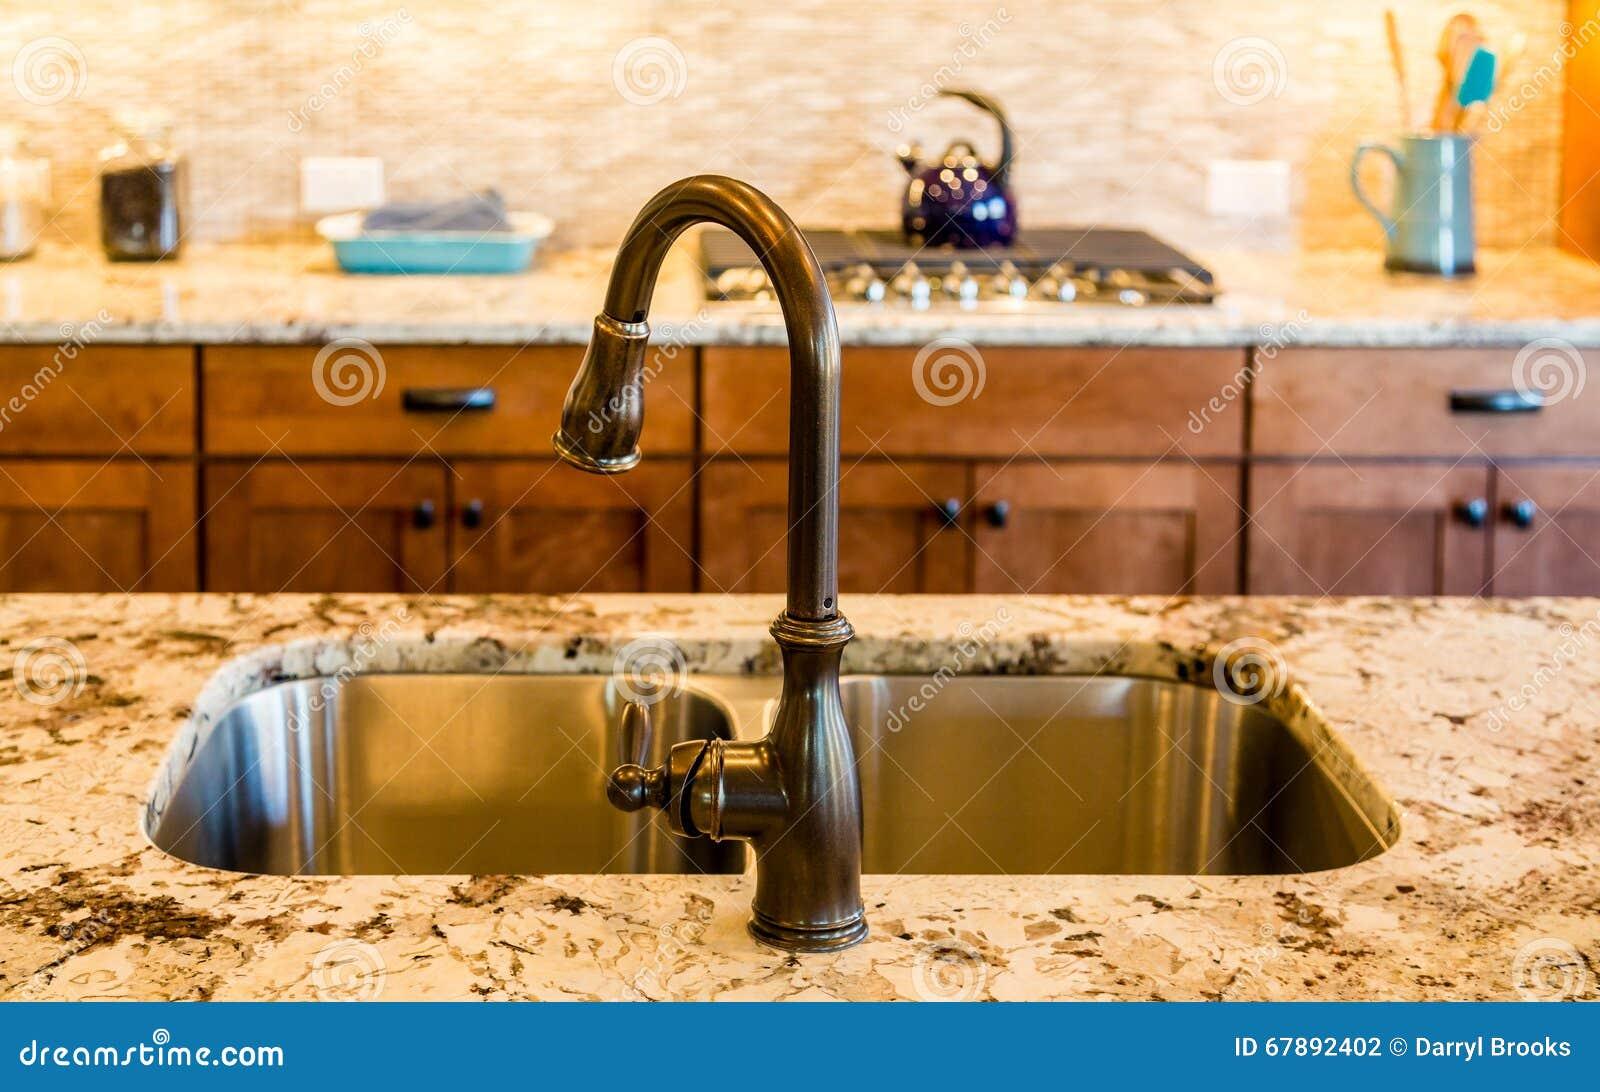 被摩擦的古铜色厨房水槽和装置